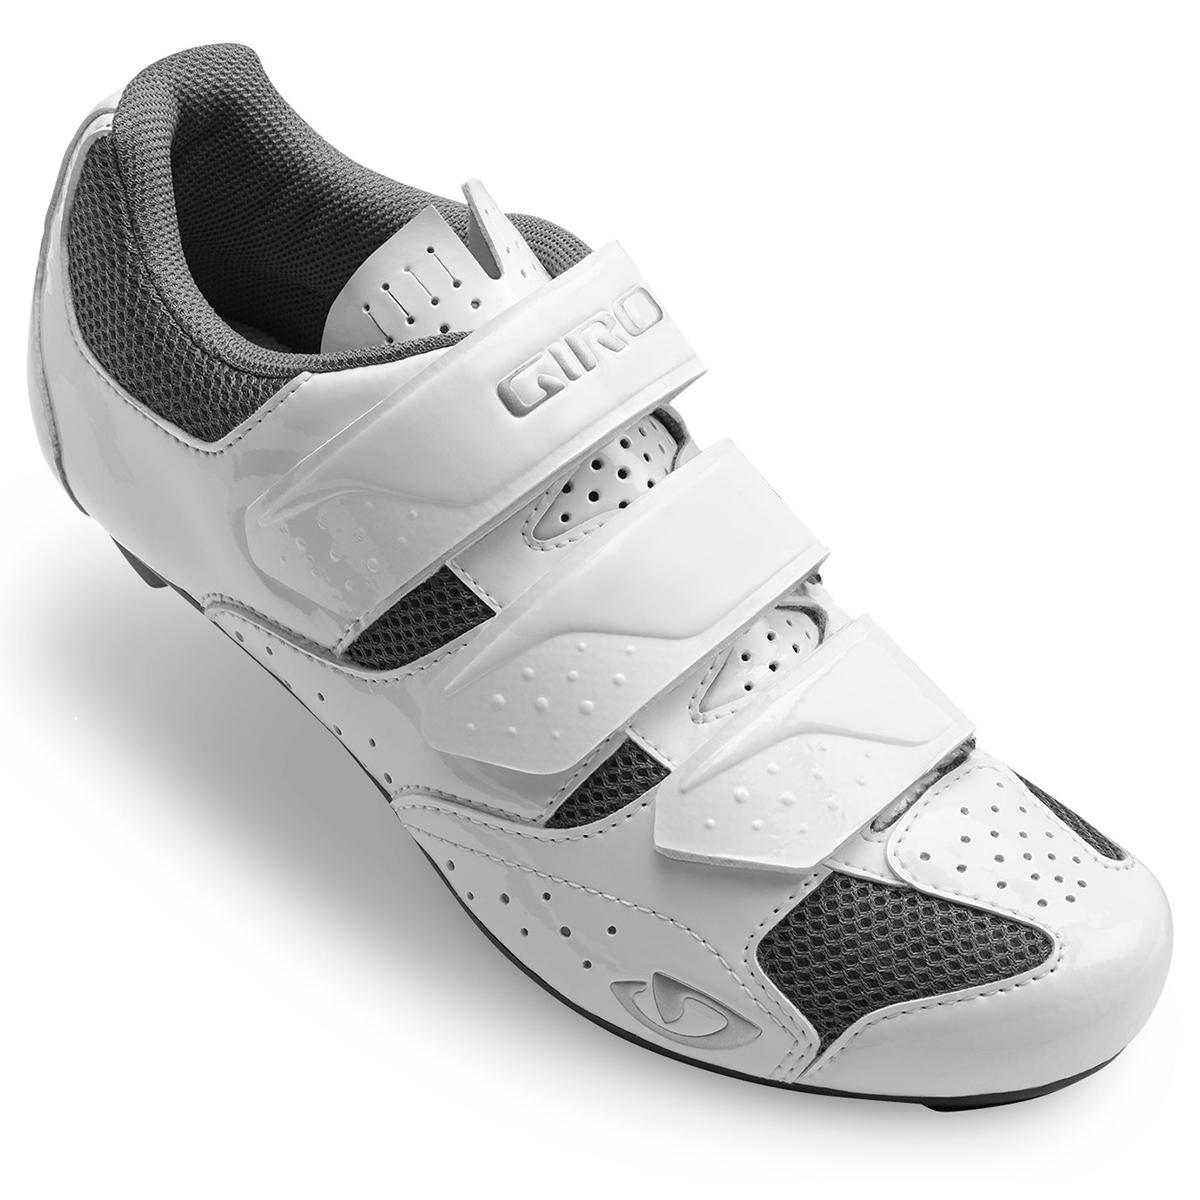 Giro Women's Techne Cycling Shoes - Size 38